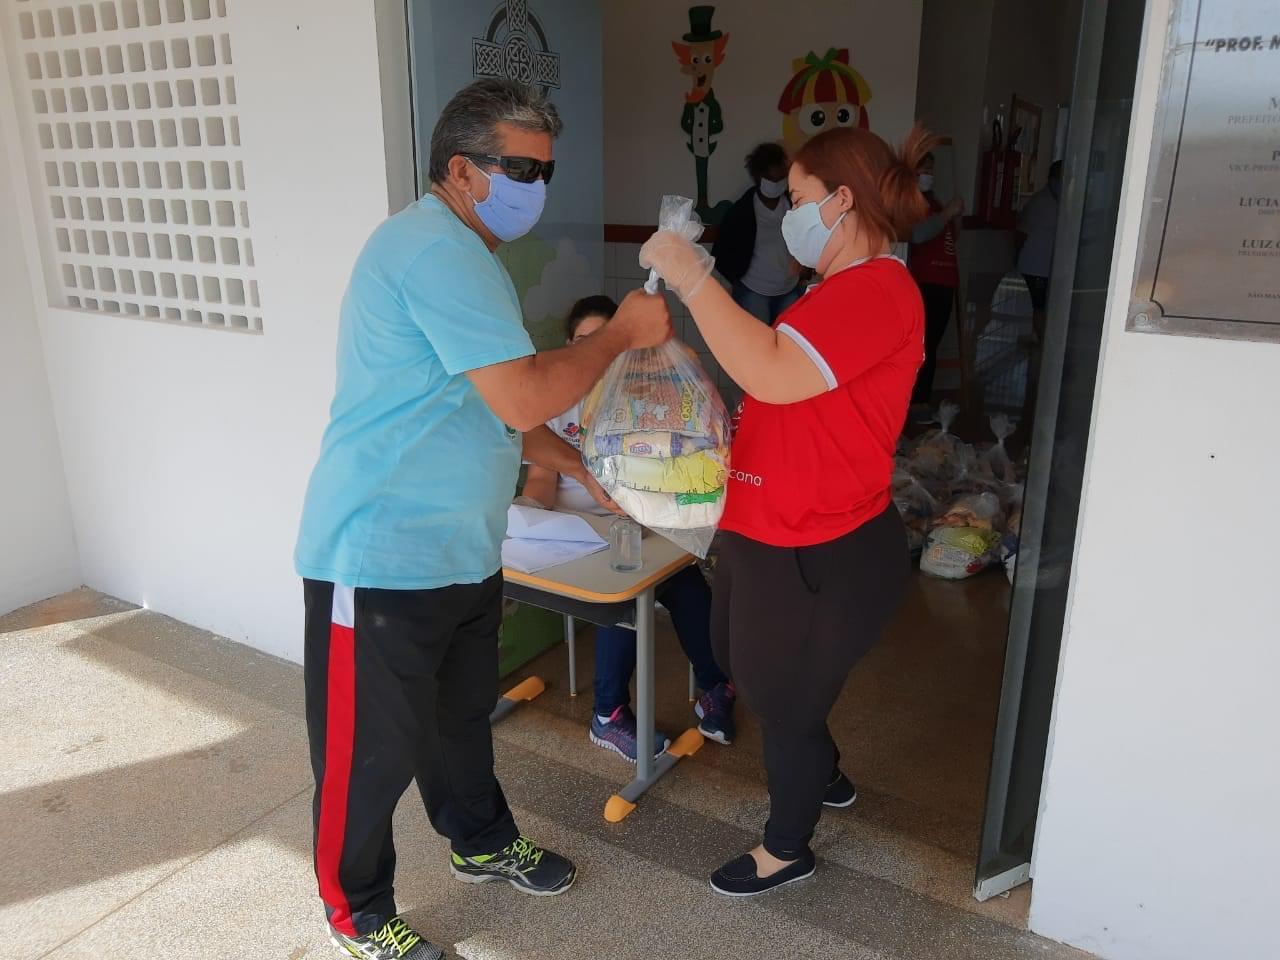 Kits merenda foram distribuídos nas escolas da Cohab lll e CDHU I